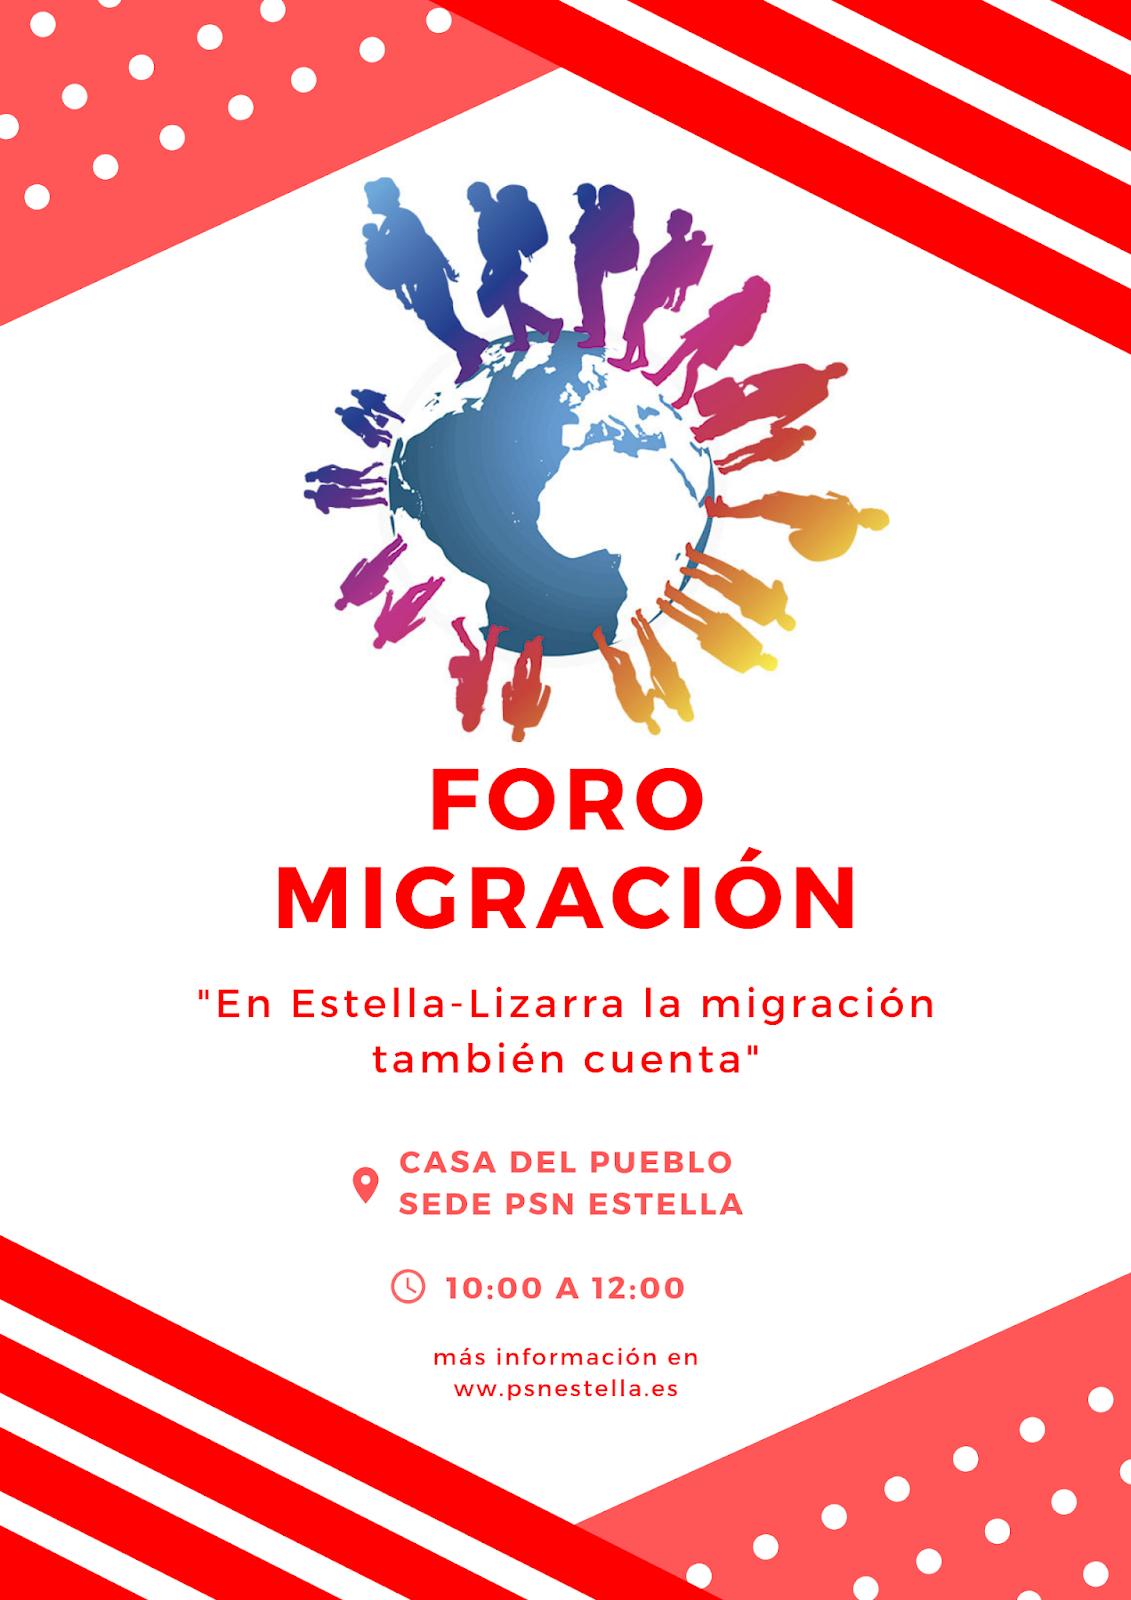 Mañana Foro Migración